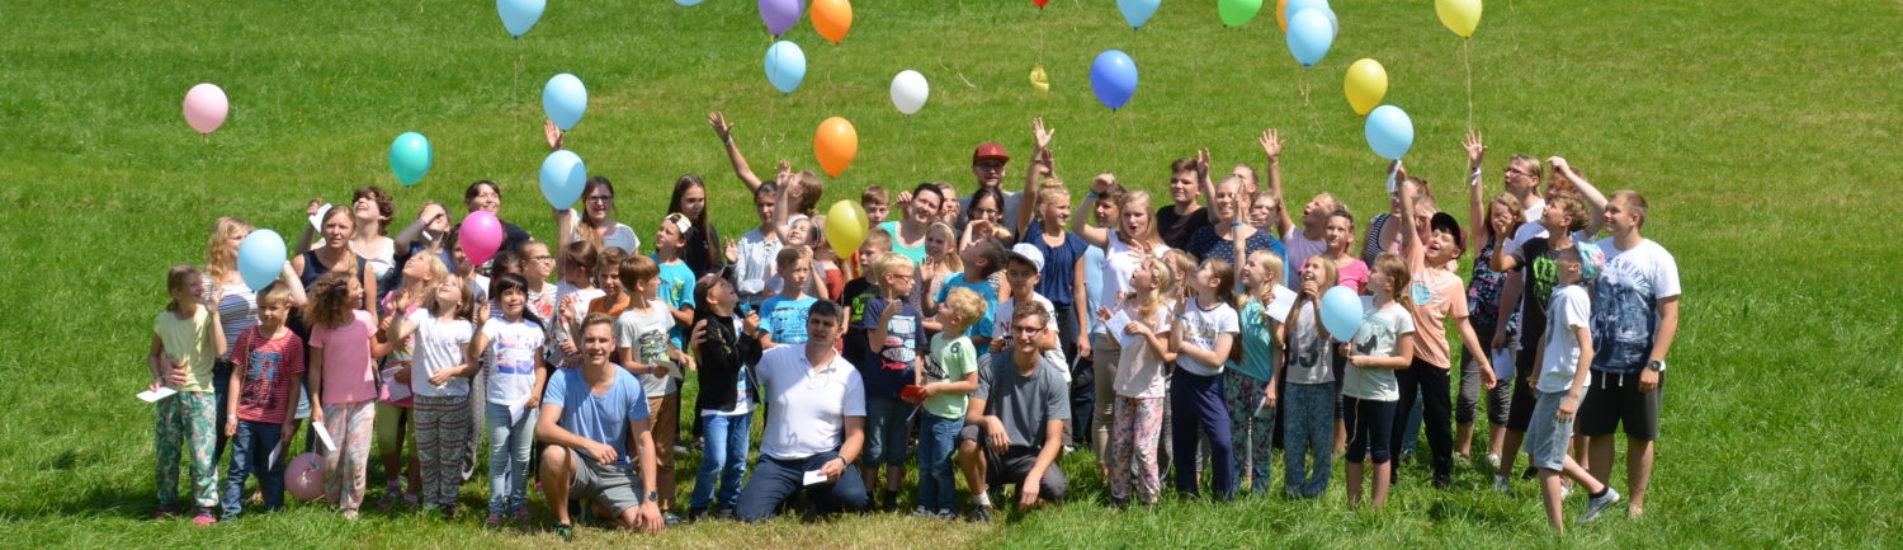 Kinderfreizeit 1. Woche 2017   CBG Fulda Kohlhaus